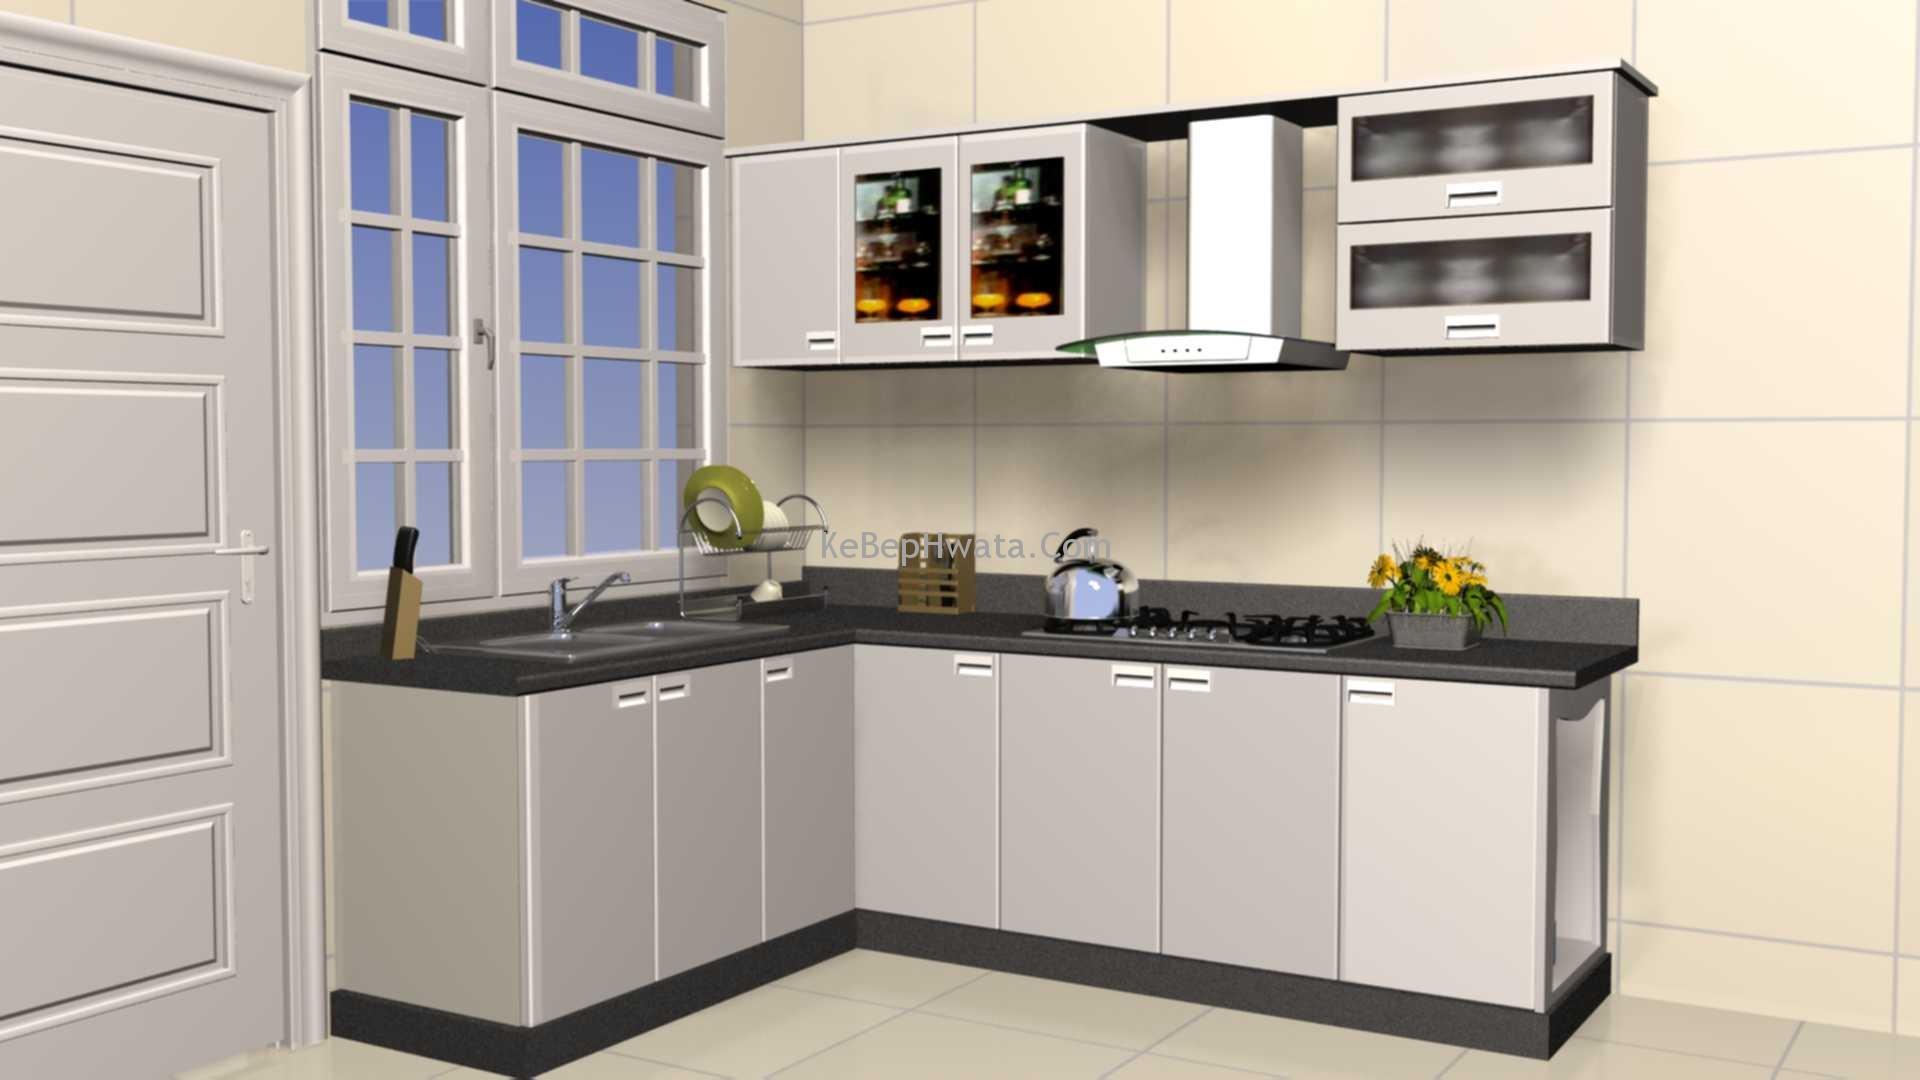 Tủ bếp inox đóng sẵn giúp gian bếp của bạn trở nên gọn gàng và sạch sẽ.